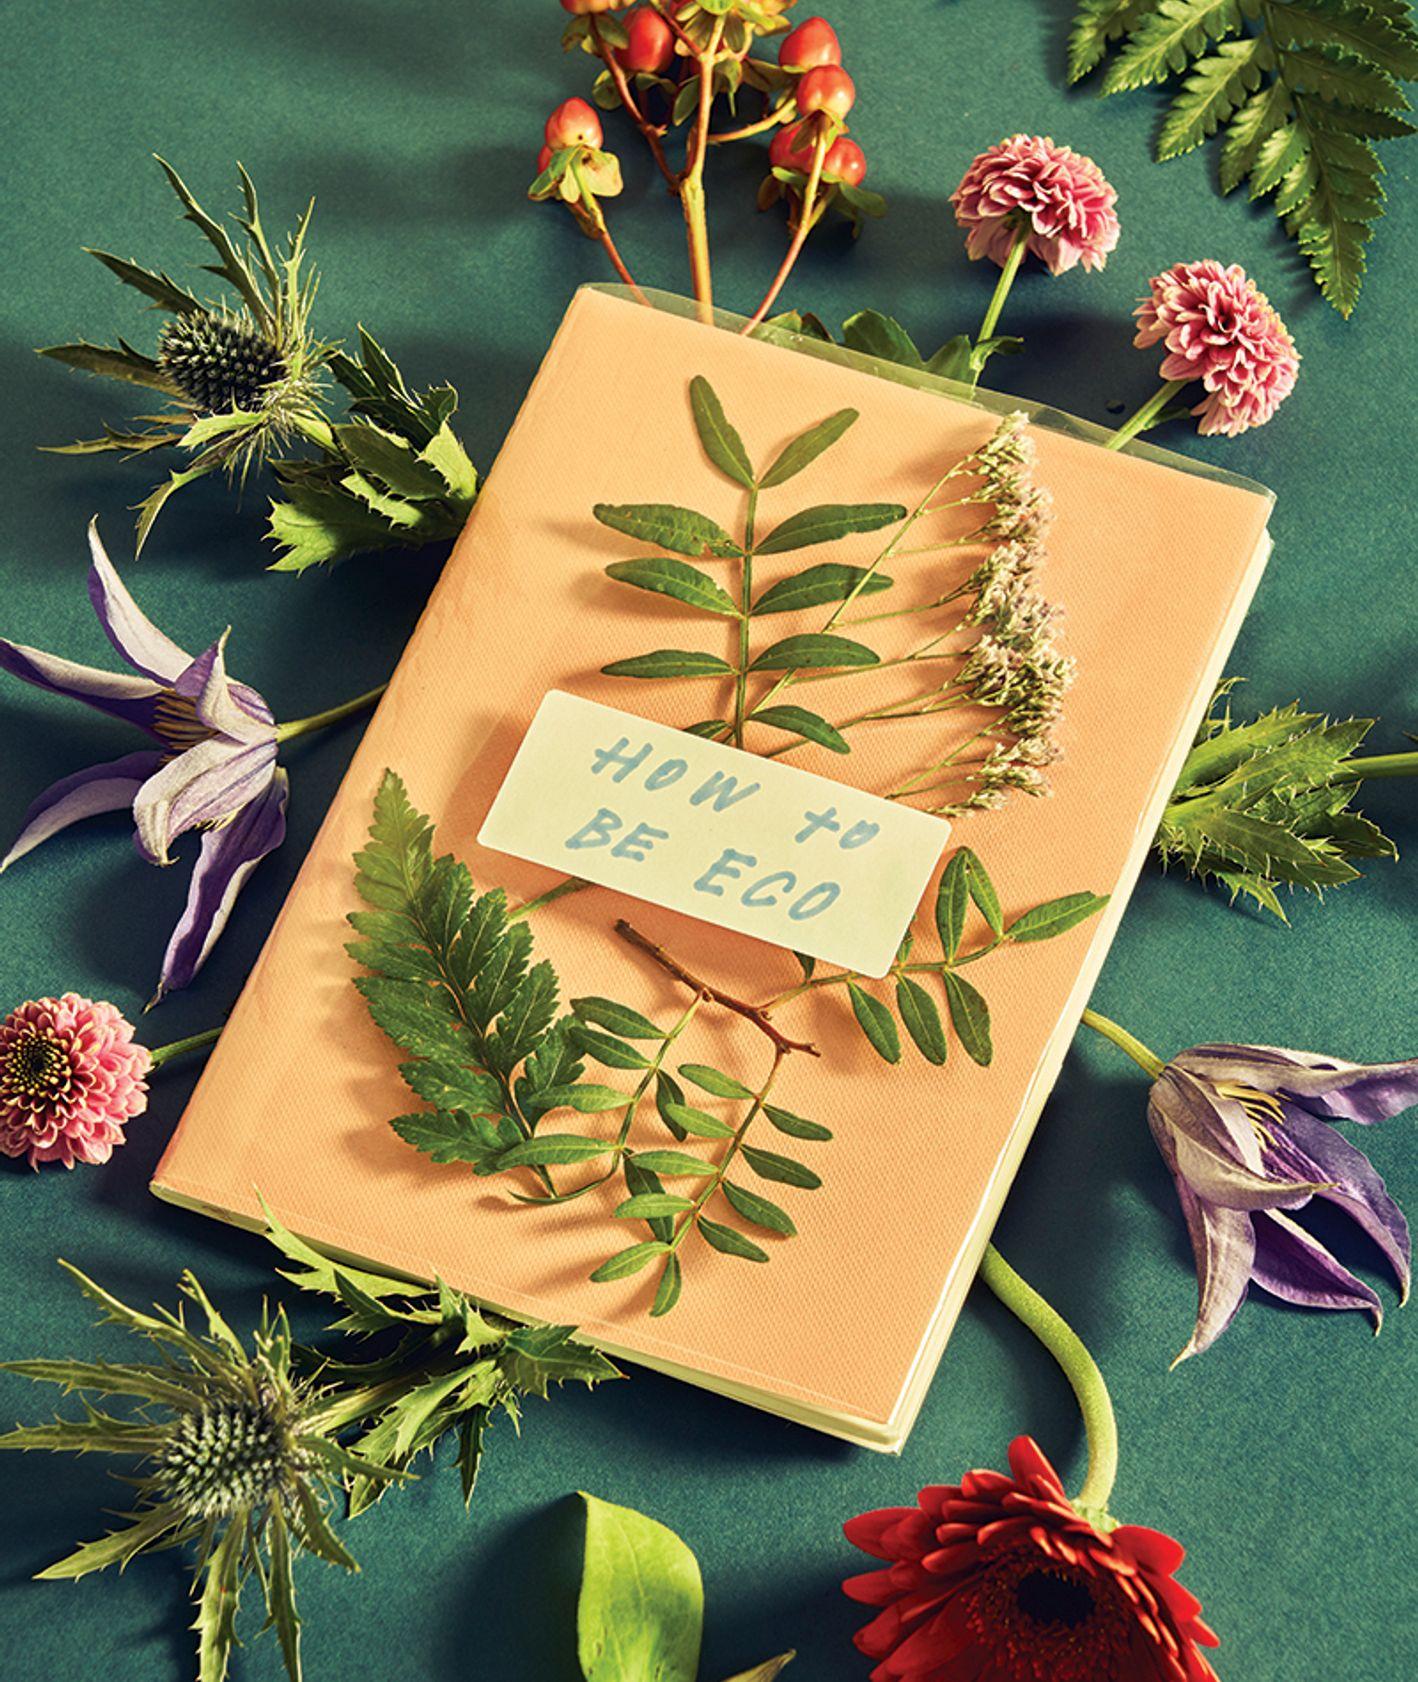 """Notes zatytułowany """"How to be eco"""", z którego wystają kwiaty (fot. Paula Patocka)"""